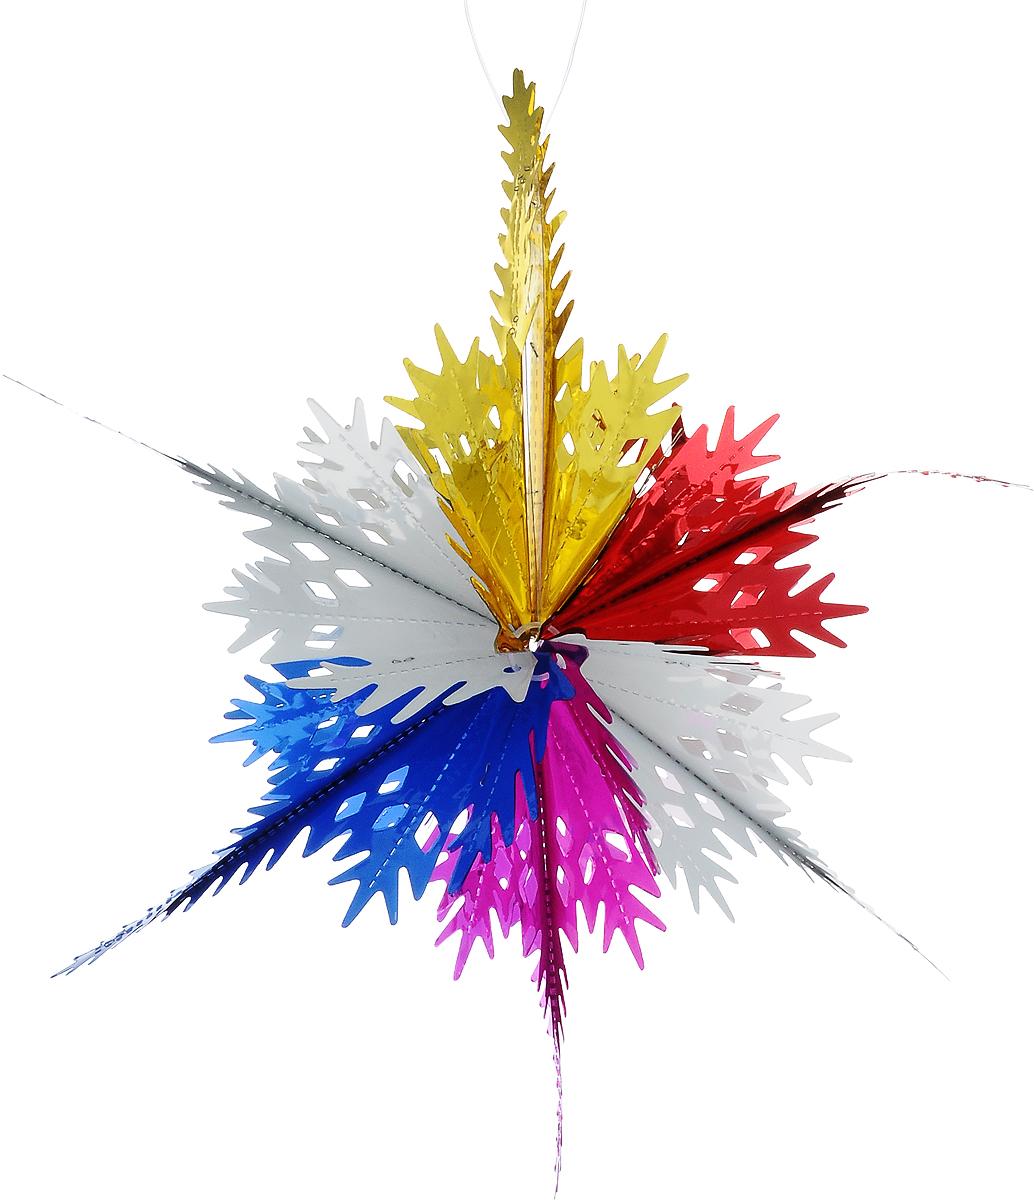 Украшение новогоднее подвесное Winter Wings Звезда, 41 х 41 х 12 смN09150Новогоднее украшение Winter Wings Звездапрекрасно подойдет для декора дома и праздничной елки.Изделие выполнено из ПВХ. С помощью специальнойпетельки украшение можно повесить в любомпонравившемся вам месте. Легко складывается ираскладывается. Новогодние украшения несут в себе волшебство икрасоту праздника. Они помогут вам украсить дом кпредстоящим праздникам и оживить интерьер по вашемувкусу. Создайте в доме атмосферу тепла, веселья ирадости, украшая его всей семьей. Размер украшения: 41 х 41 х 12 см.